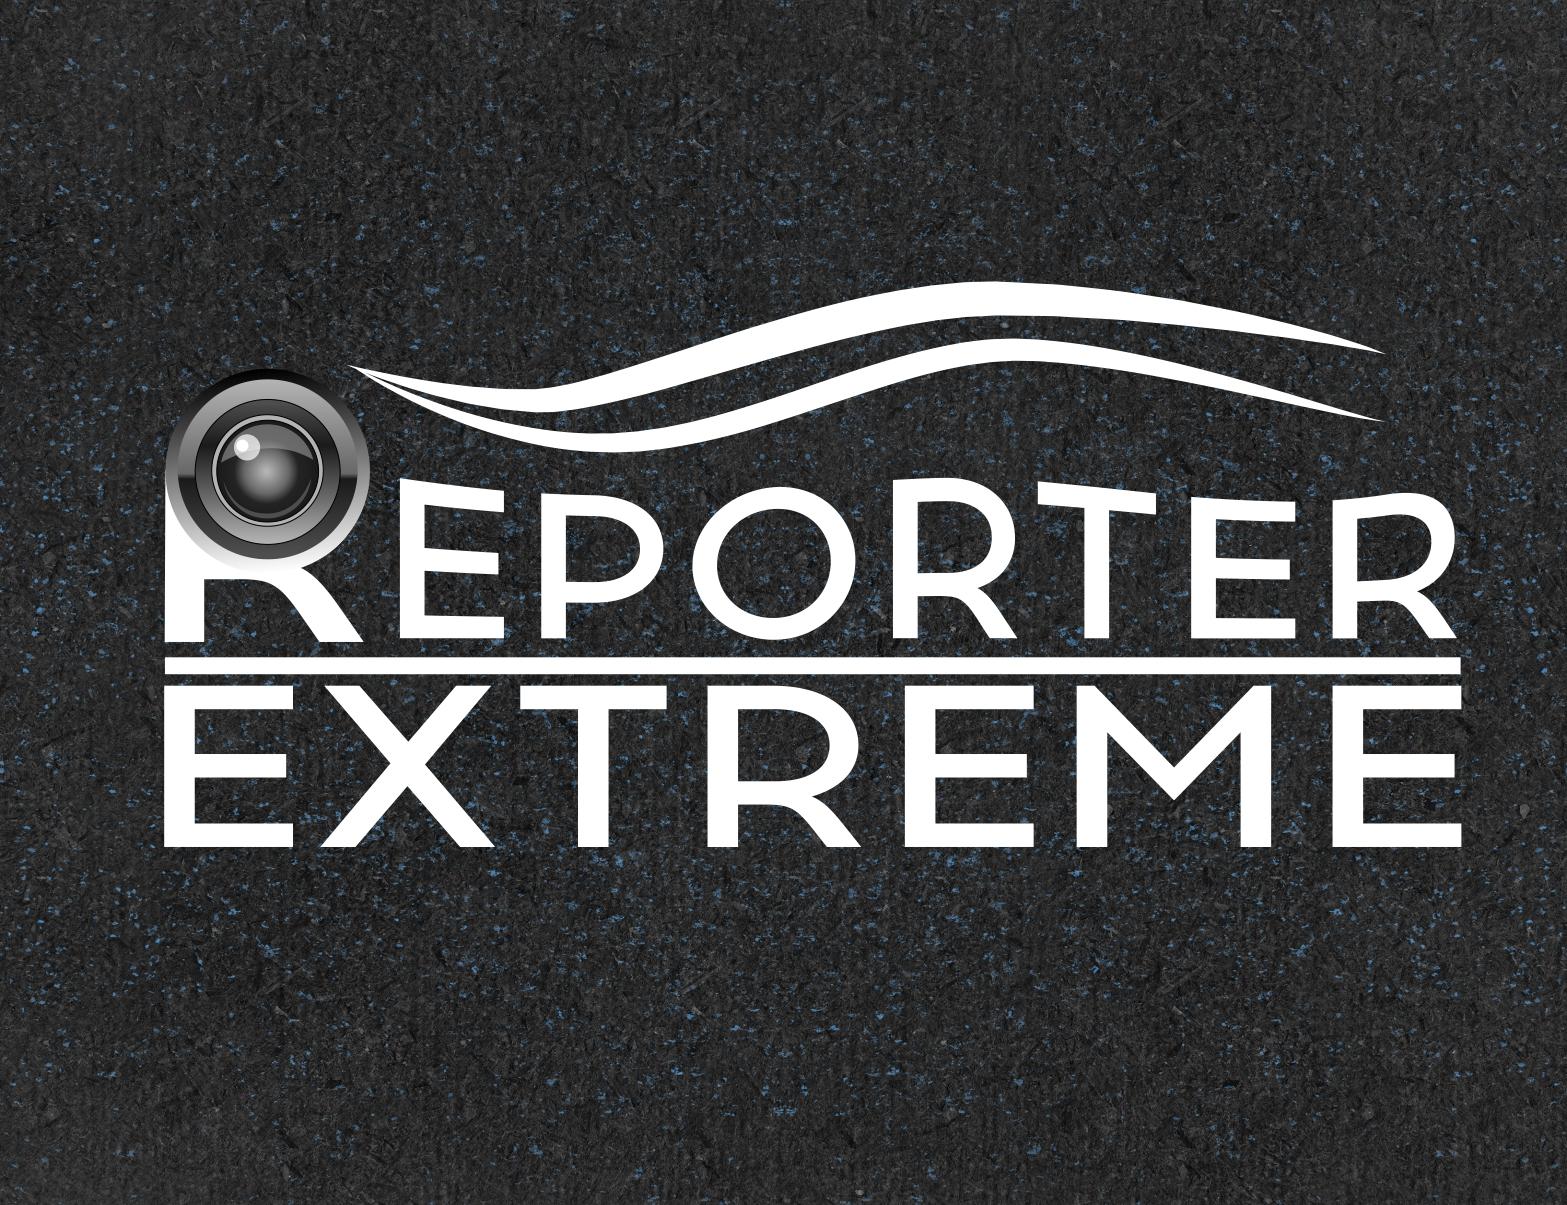 Логотип для экстрим фотографа.  фото f_0505a520ff95975f.jpg